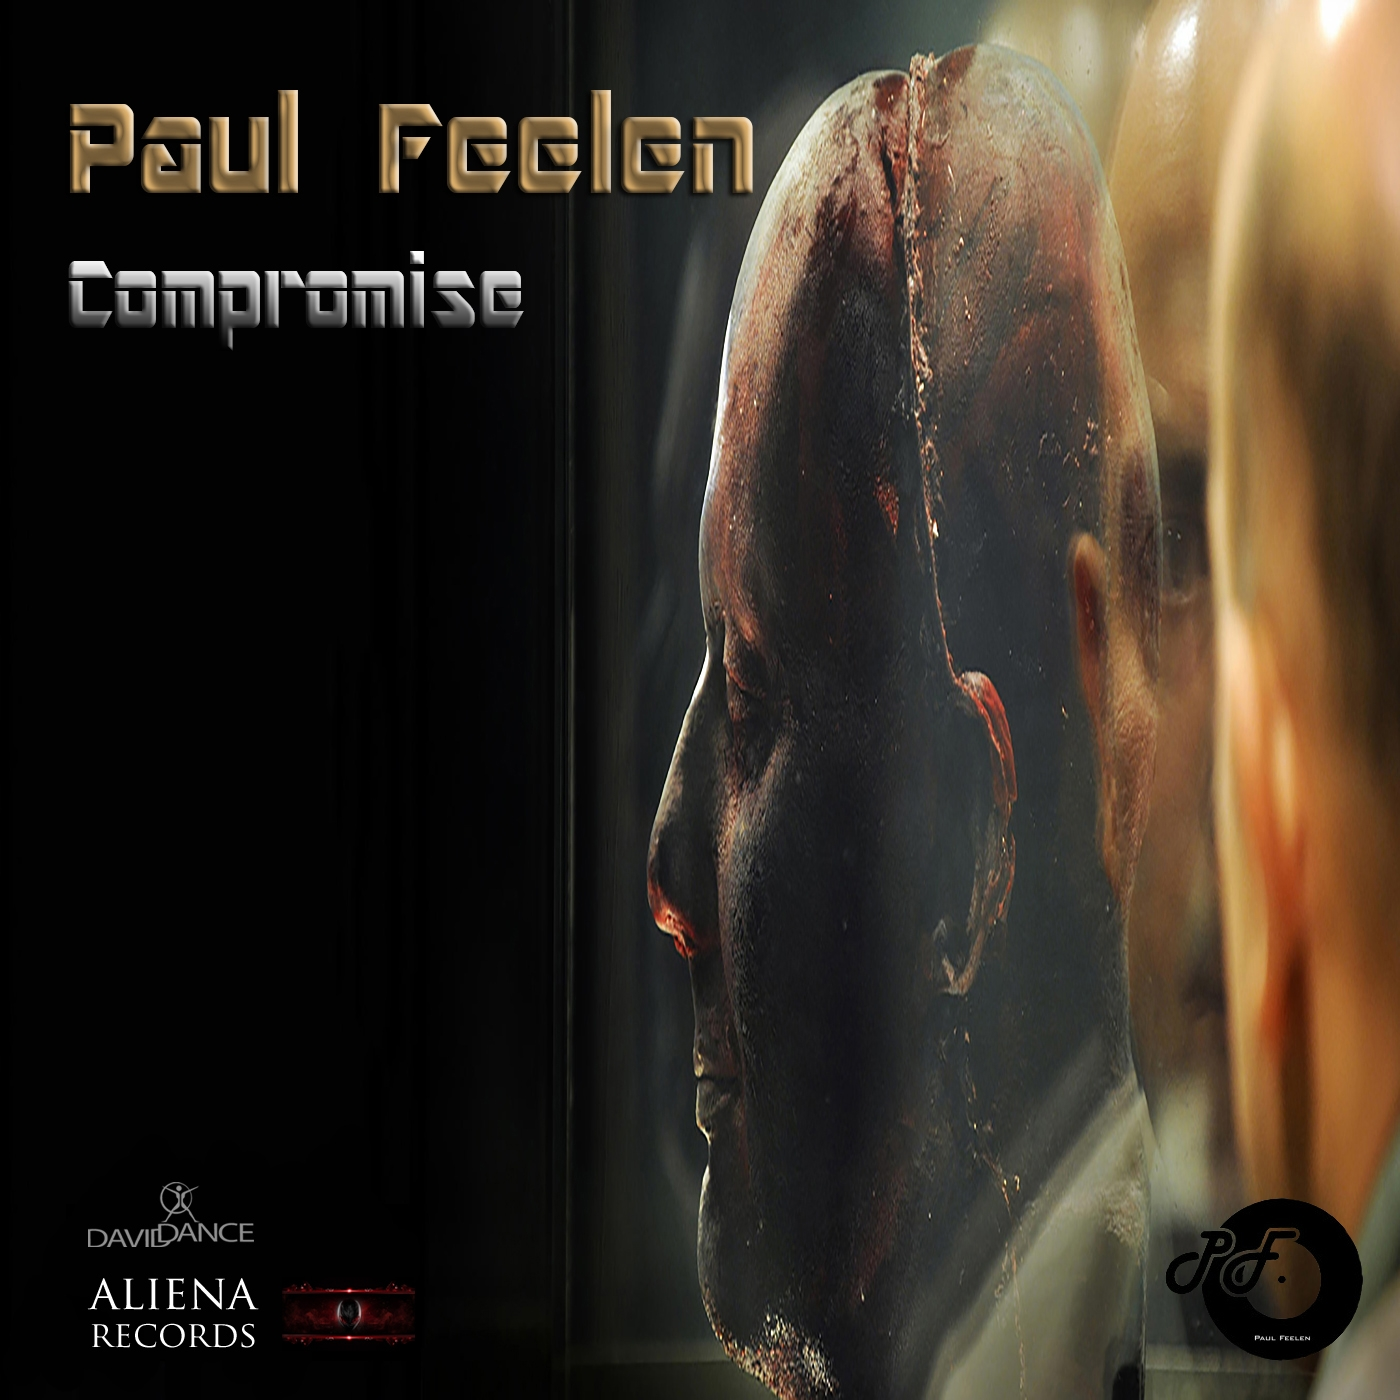 Paul Feelen - Break Down Surround Me (feat. Steve Howard) (Original mix)